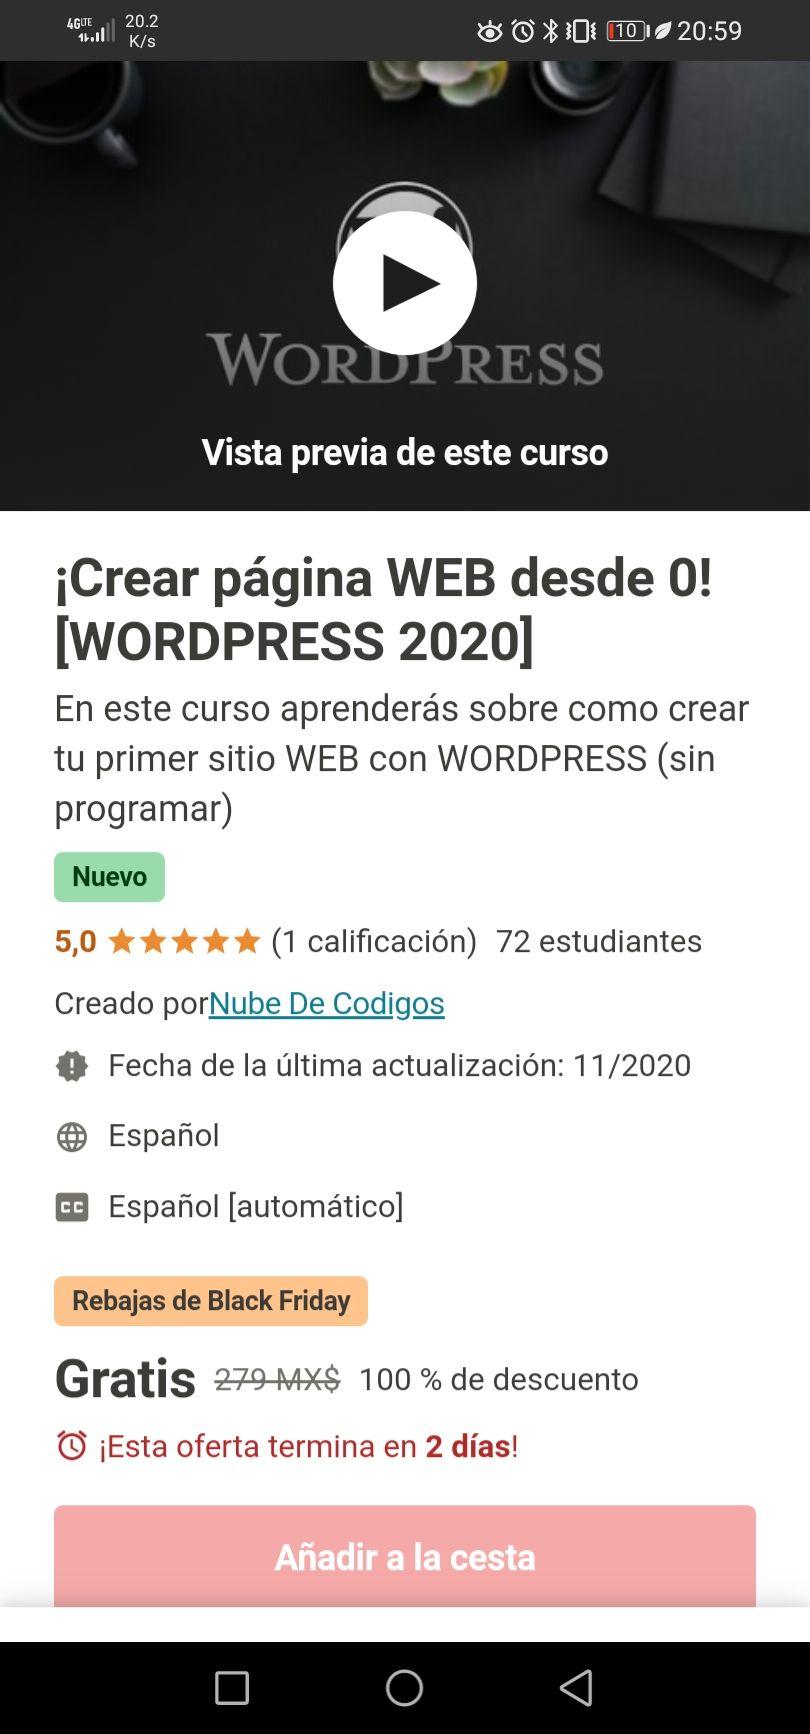 Udemy: ¡Crear página WEB desde 0! [WORDPRESS 2020]